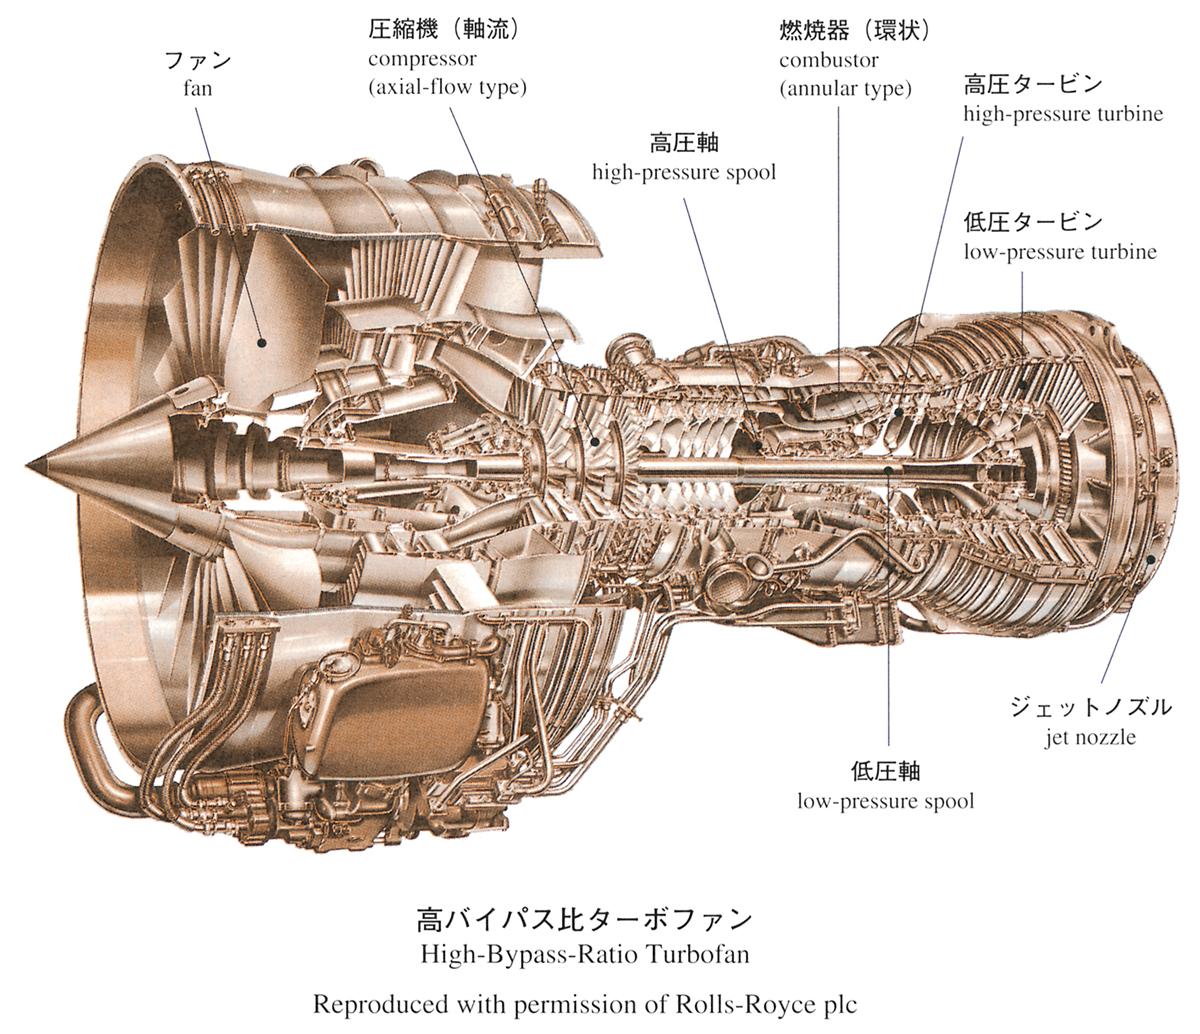 ジェットエンジン [JSME Mechanical Engineering Dictionary]